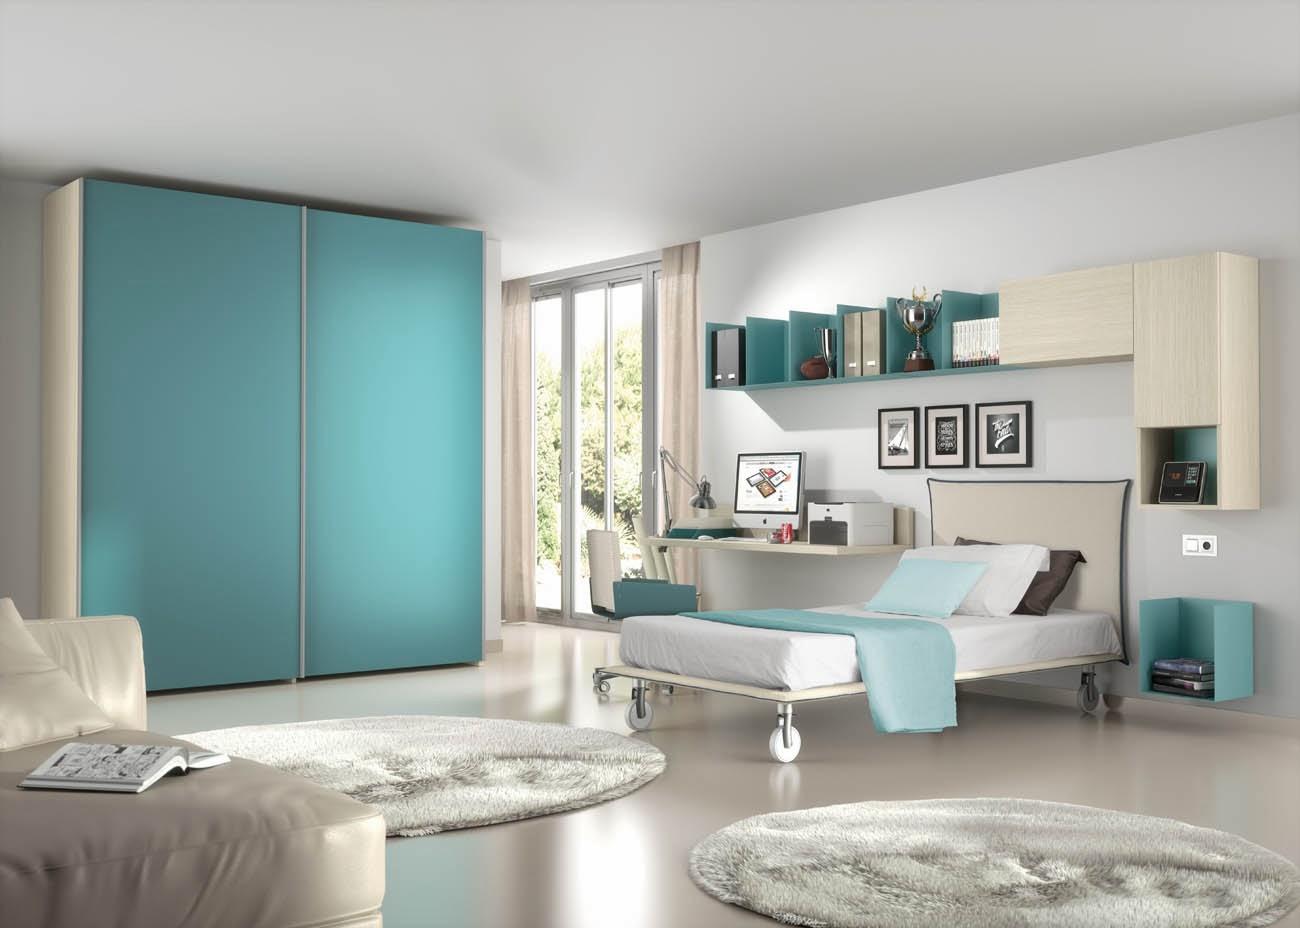 Idee camerette per stanze piccole - Idee per camere da letto piccole ...